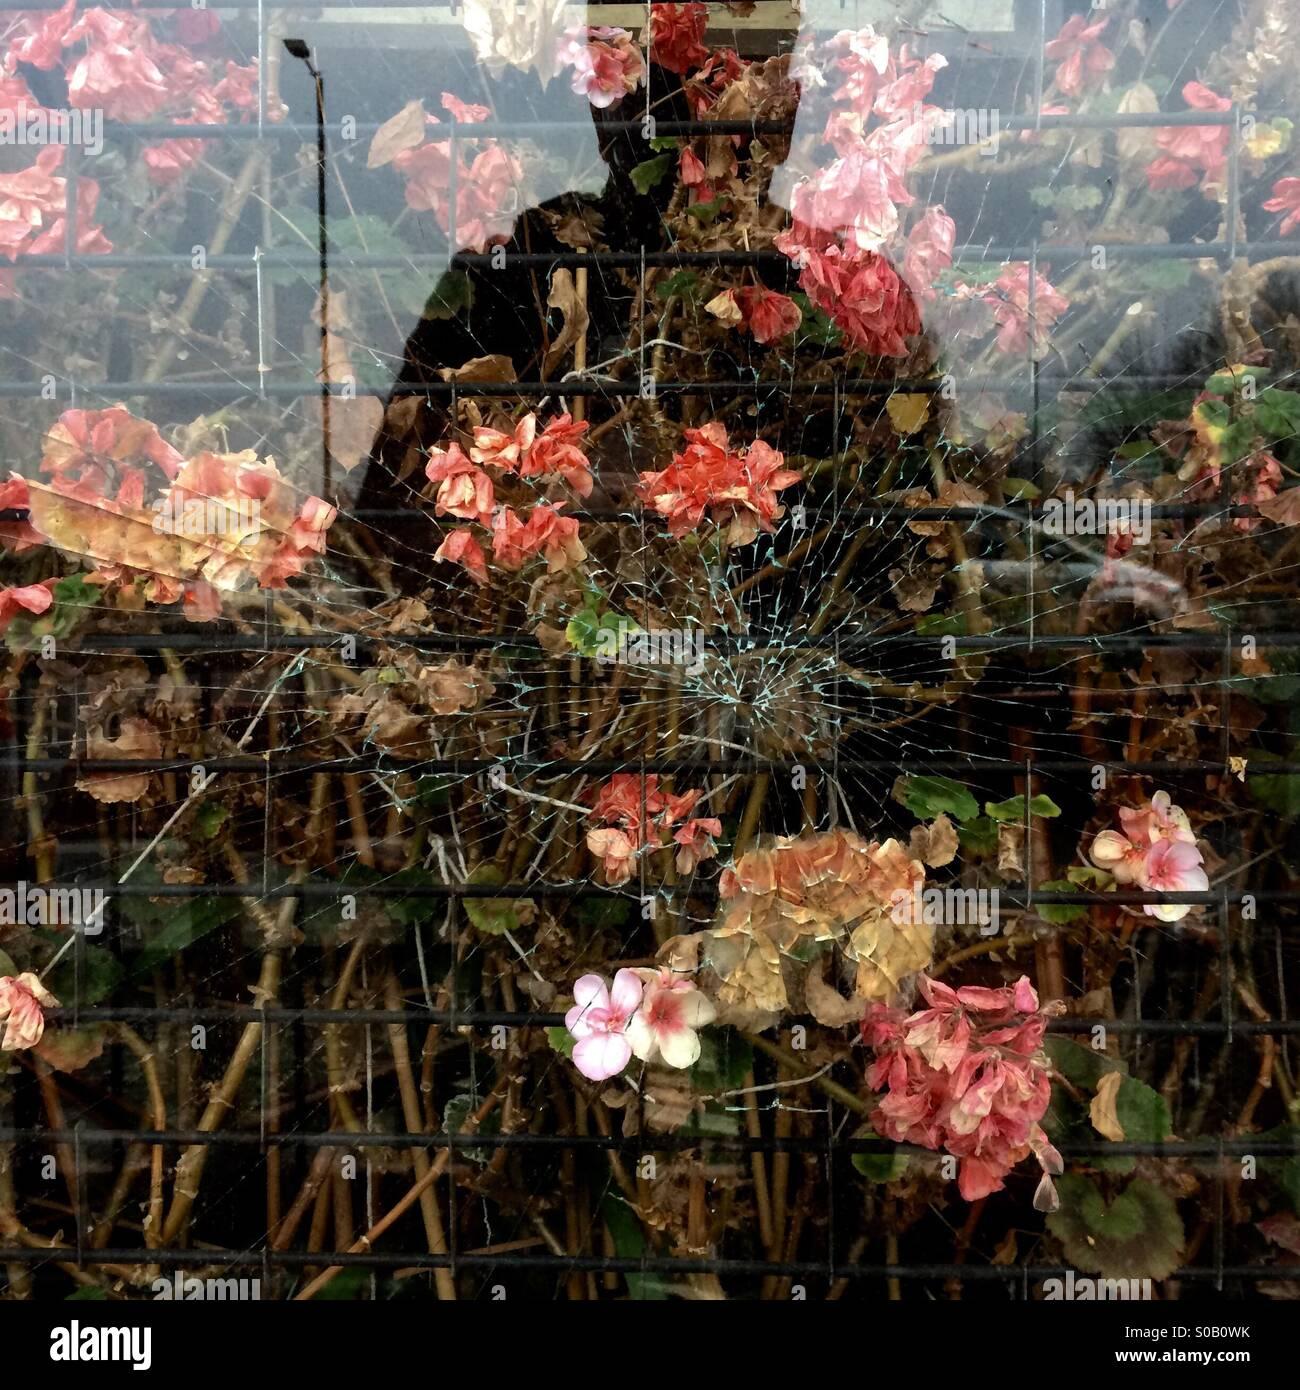 Une figure se reflète dans la fenêtre brisée d'un vers le bas à un fleuriste à Birmingham, Photo Stock